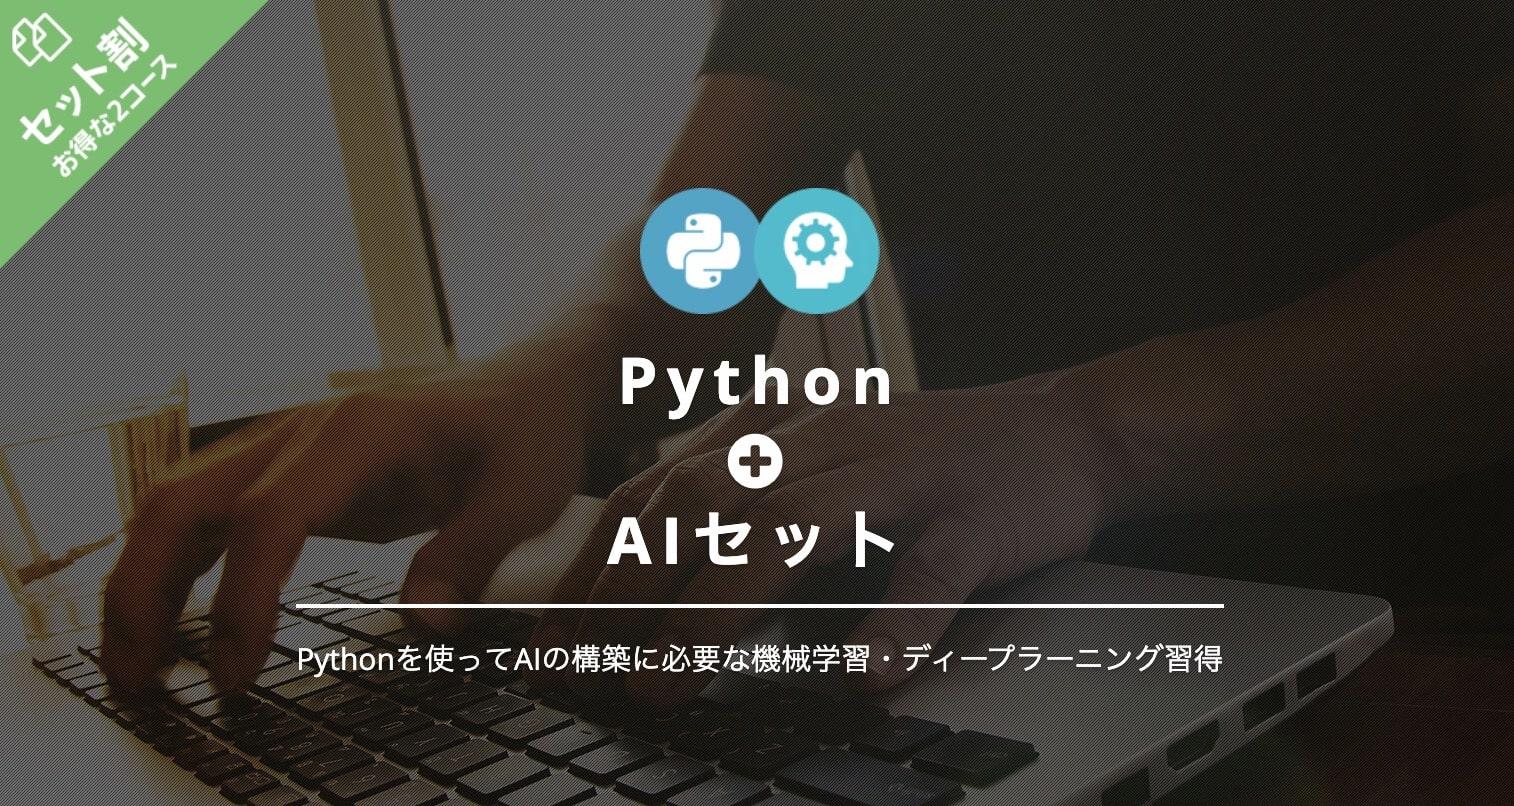 Python+AIセットの料金|TechAcademy(テックアカデミー)2セット